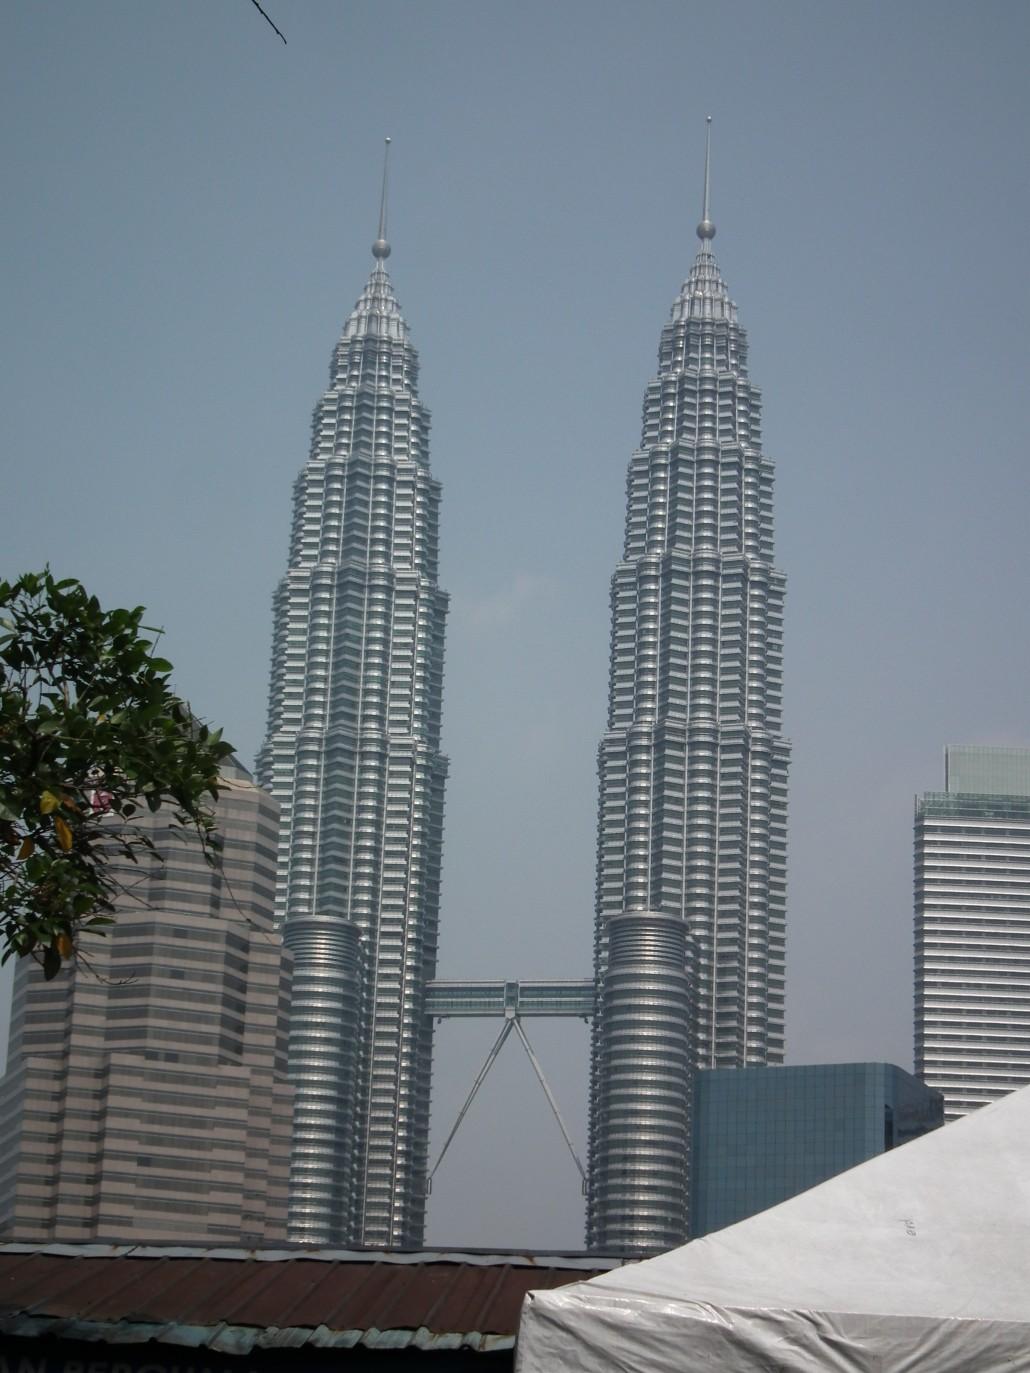 Kuala Lumpur (17-08-2012 / 19-08-2012)